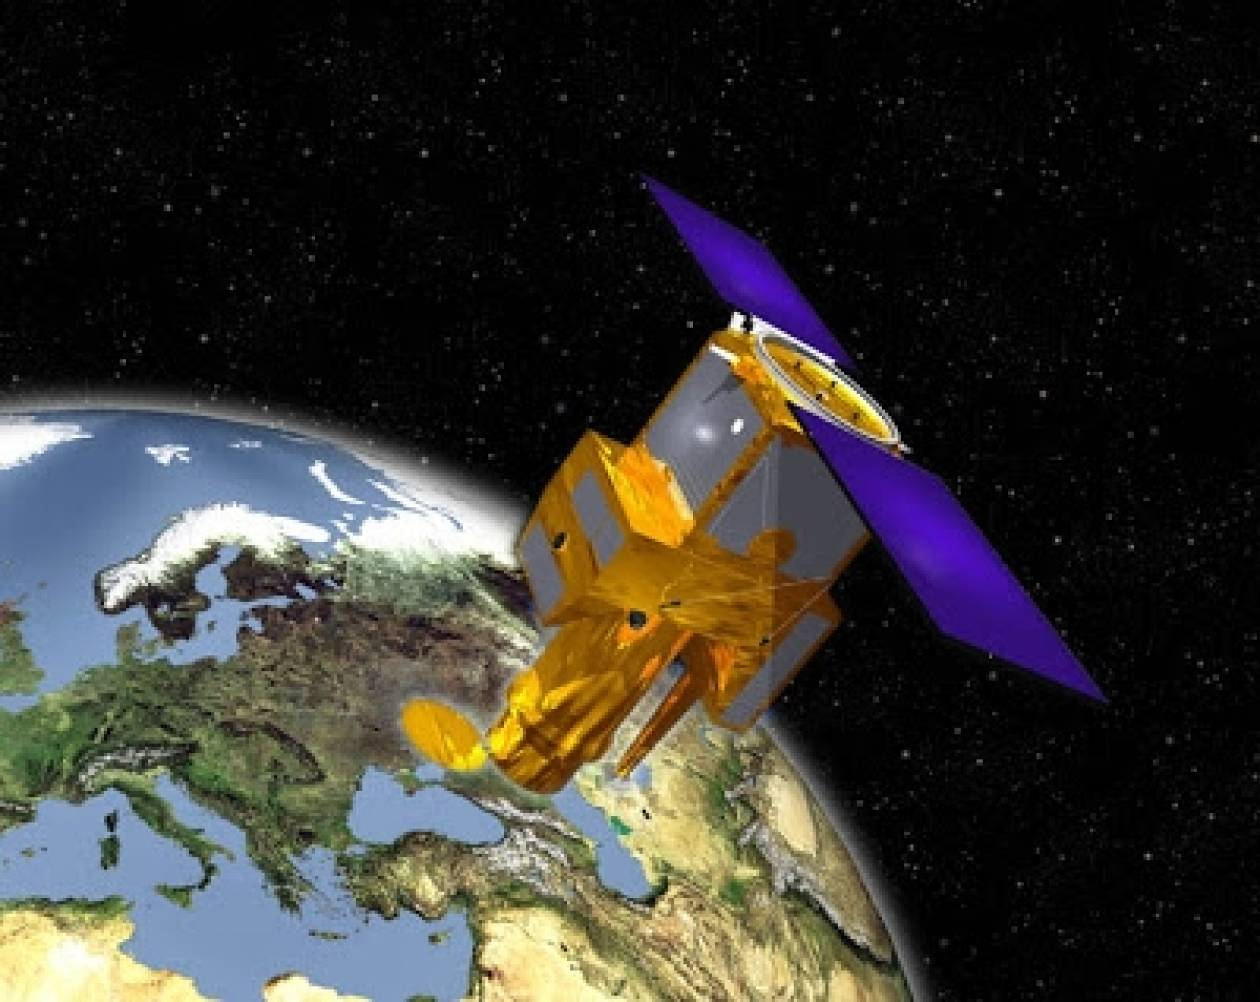 Τον Δεκέμβριο κατασκοπευτικός δορυφόρος Τουρκίας θα «κοιτά» την Ελλάδα